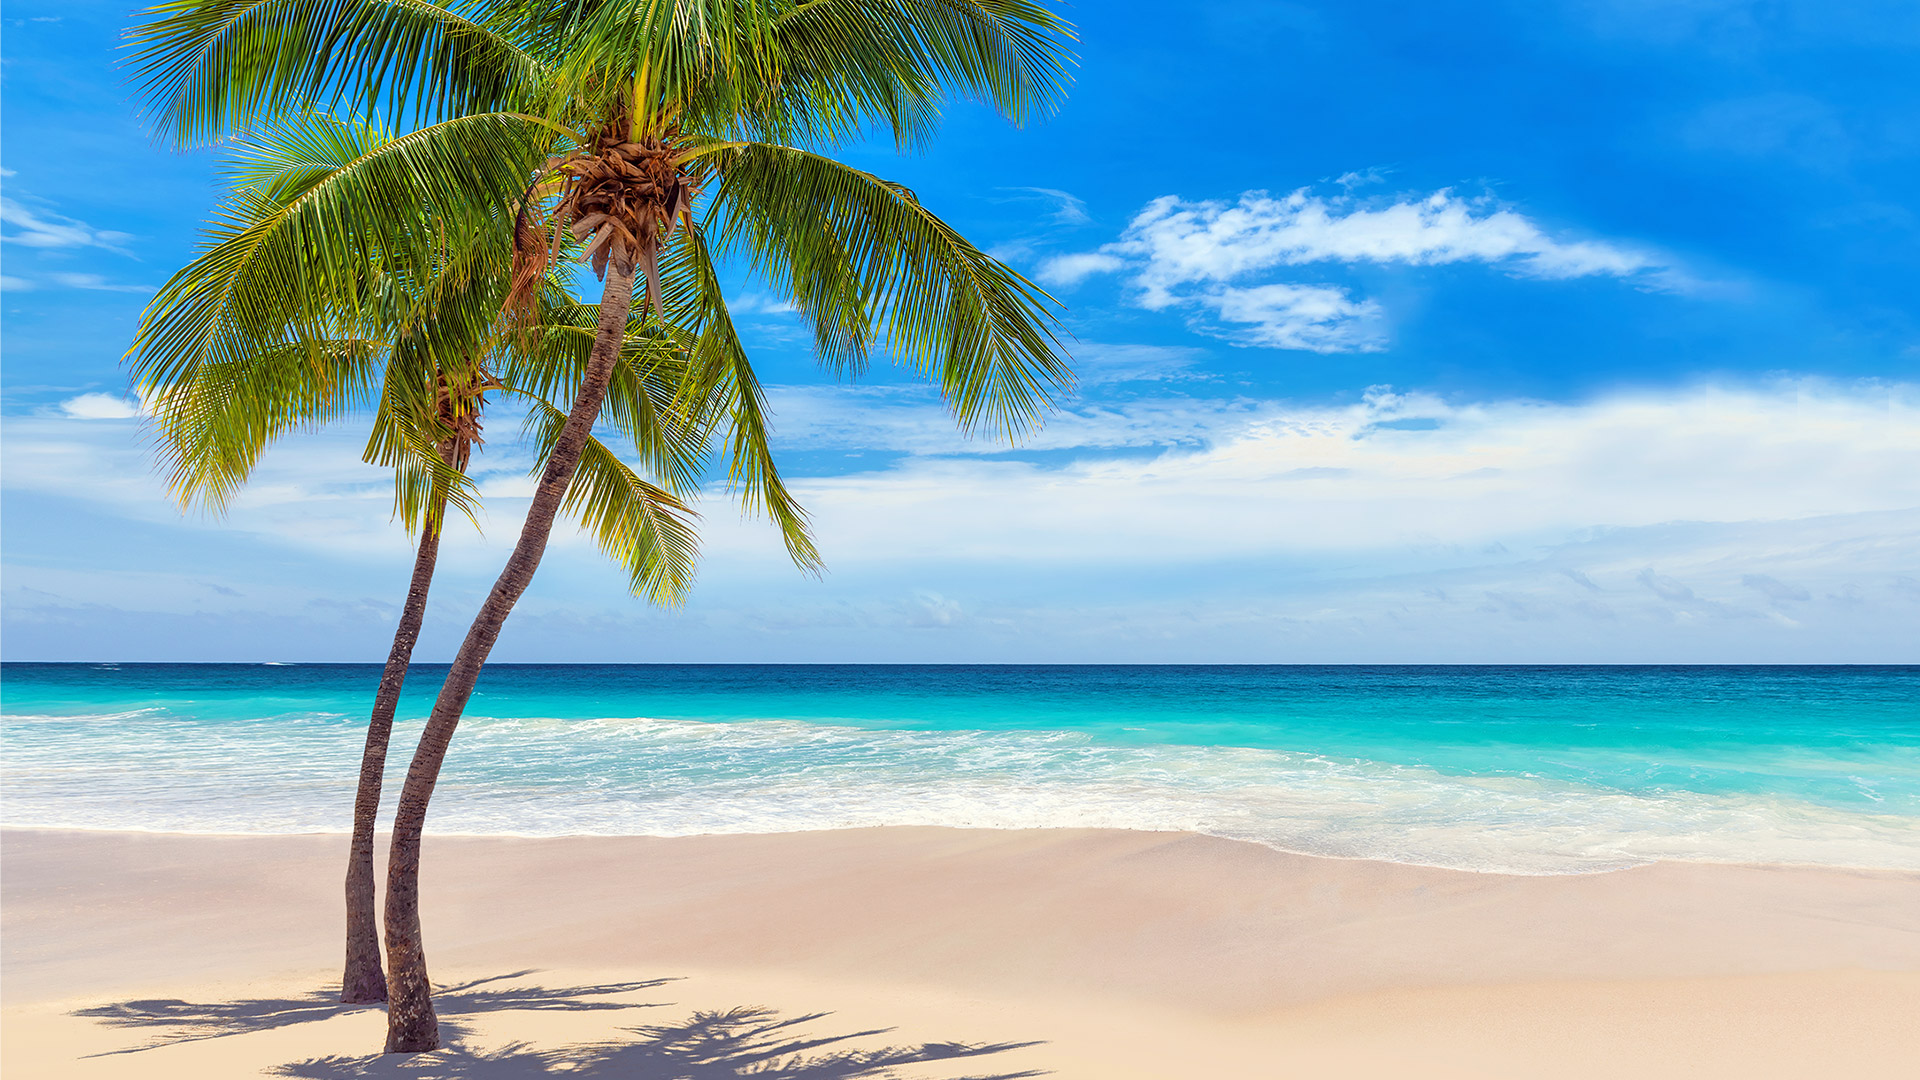 Sejur plaja Punta Cana, Republica Dominicana, 11 zile - iulie 2021